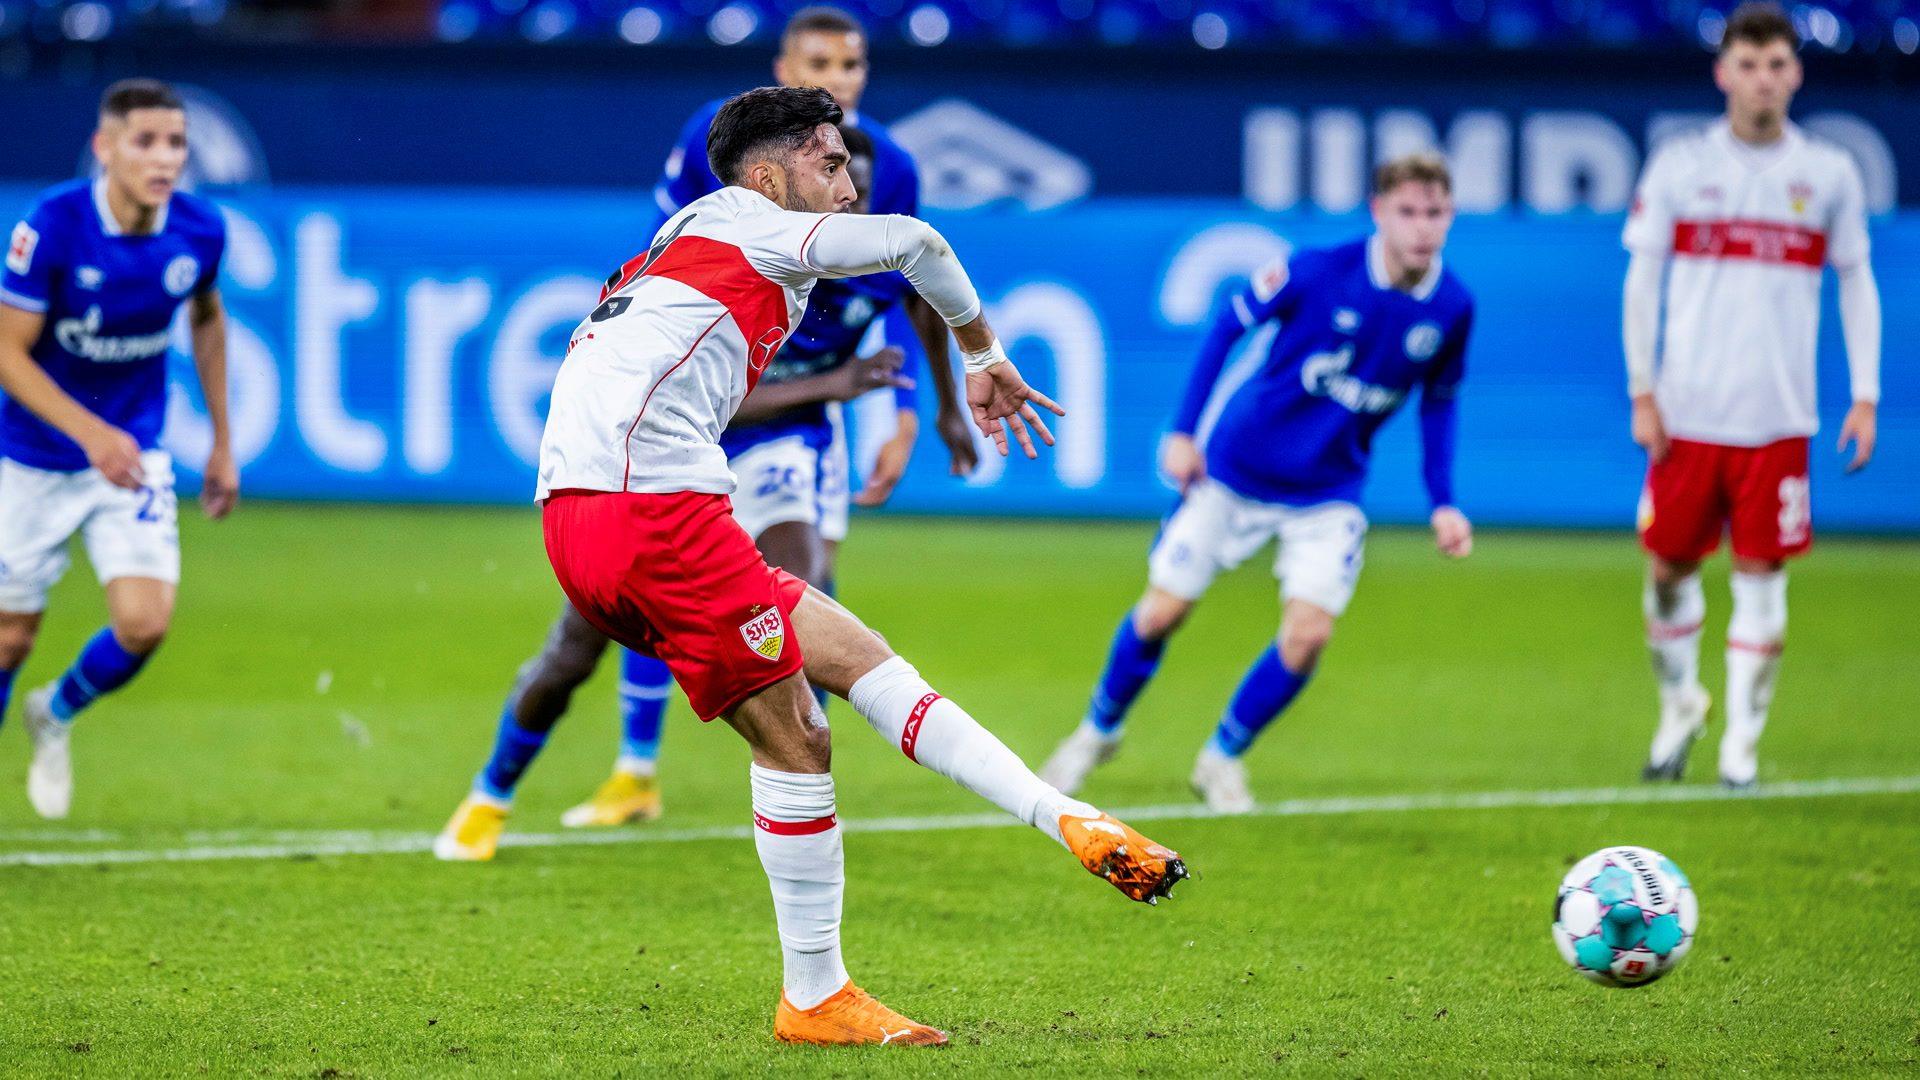 Gonzalez up and running for Stuttgart in Schalke draw